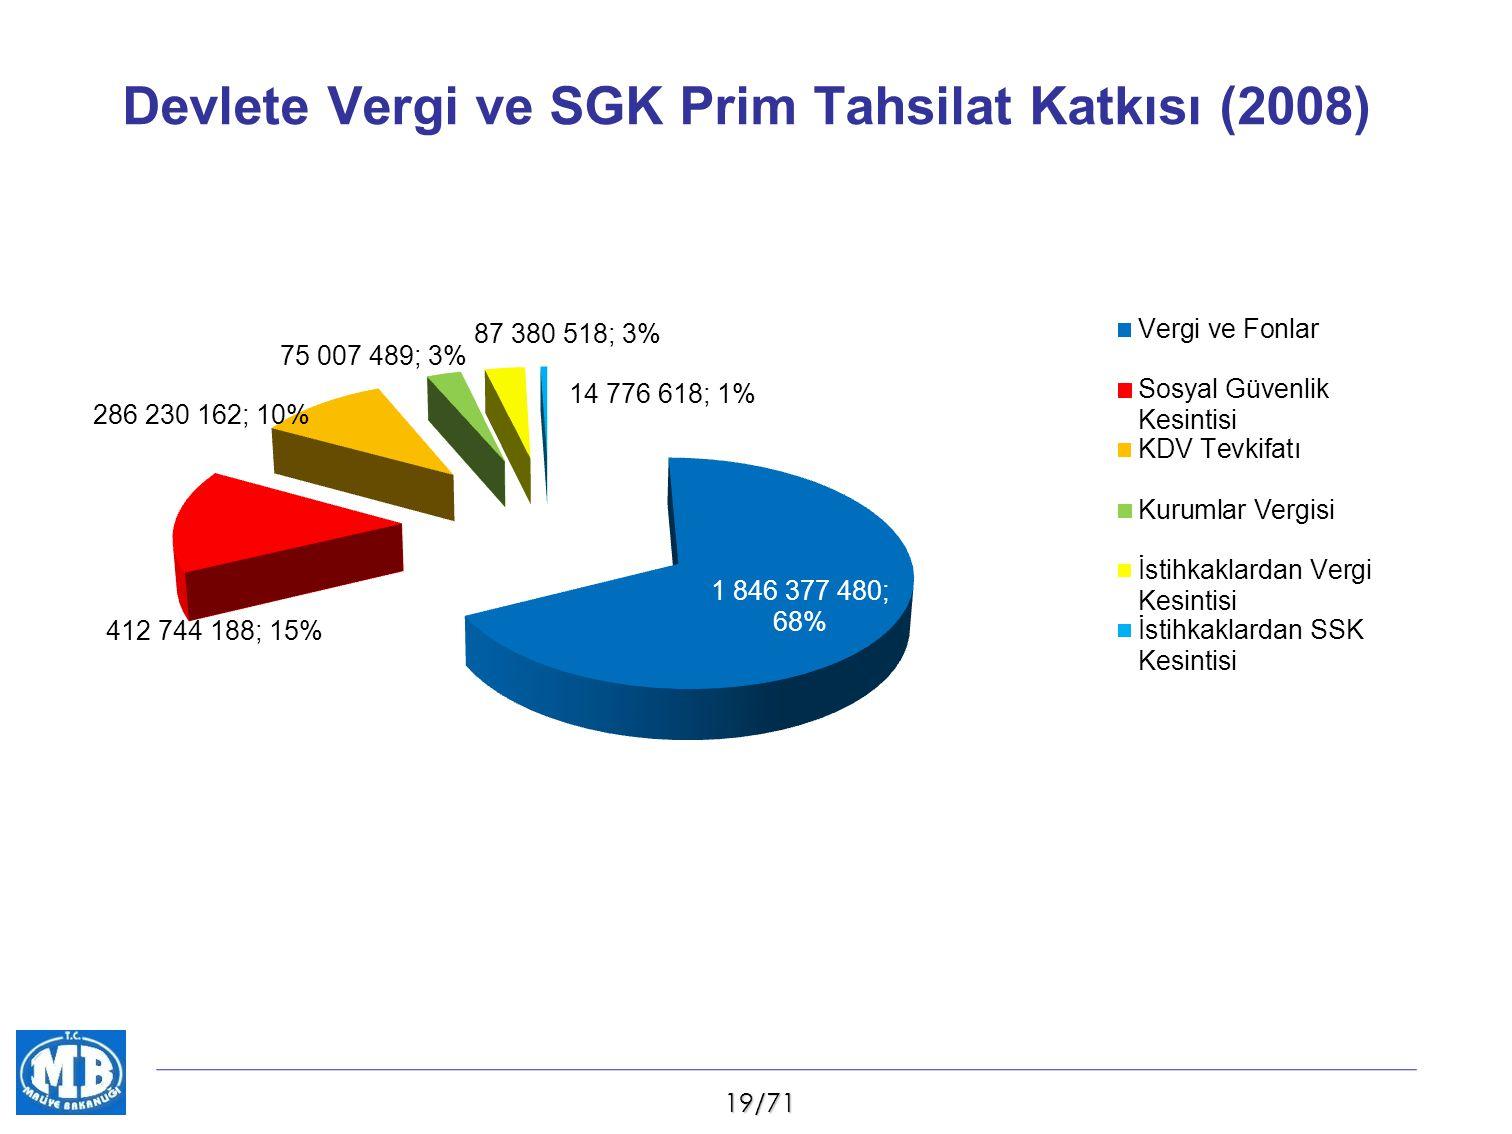 19/71 Devlete Vergi ve SGK Prim Tahsilat Katkısı (2008)